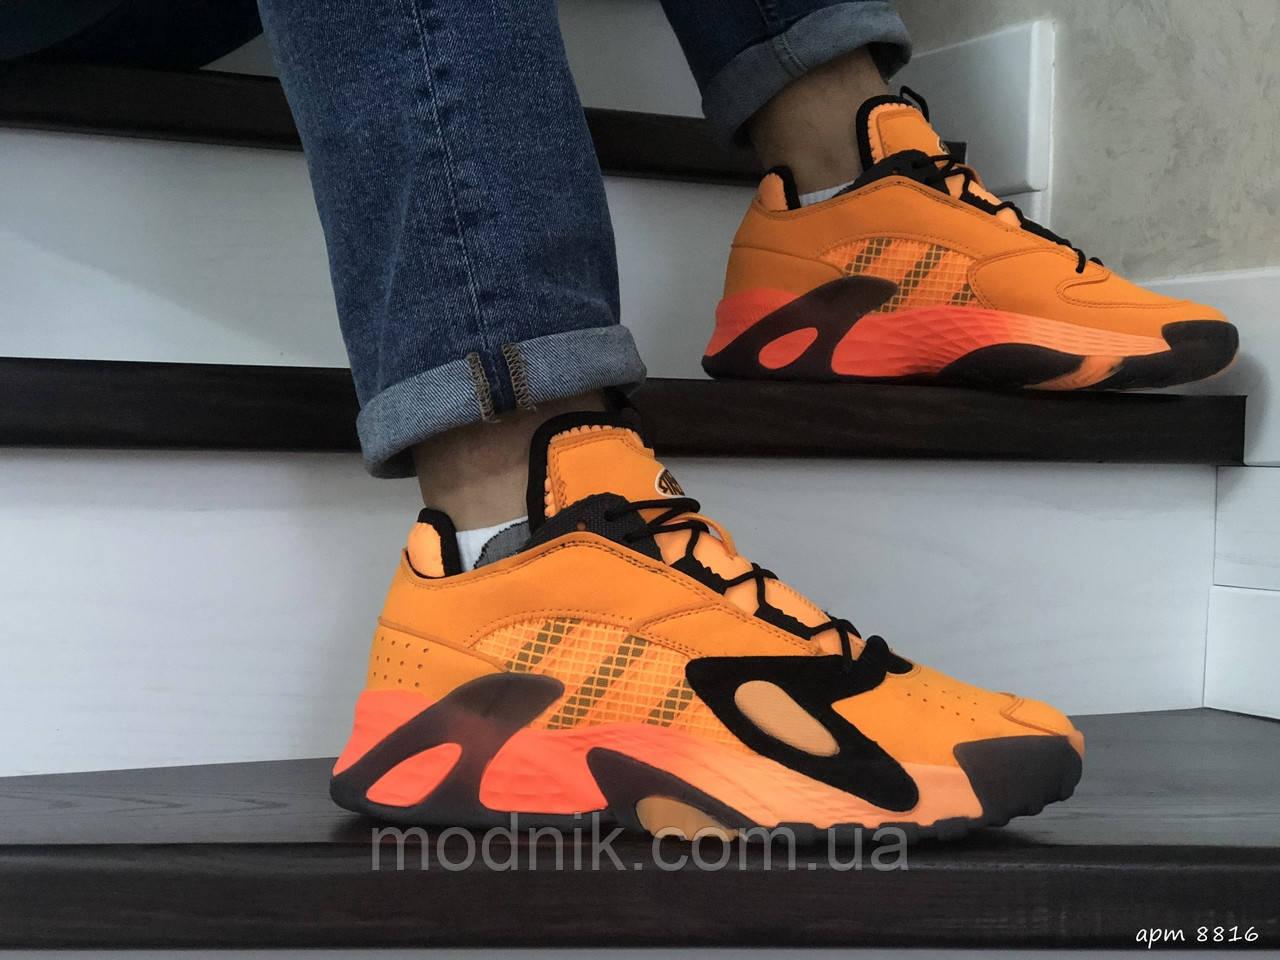 Мужские кроссовки Adidas Streetball (оранжевые)